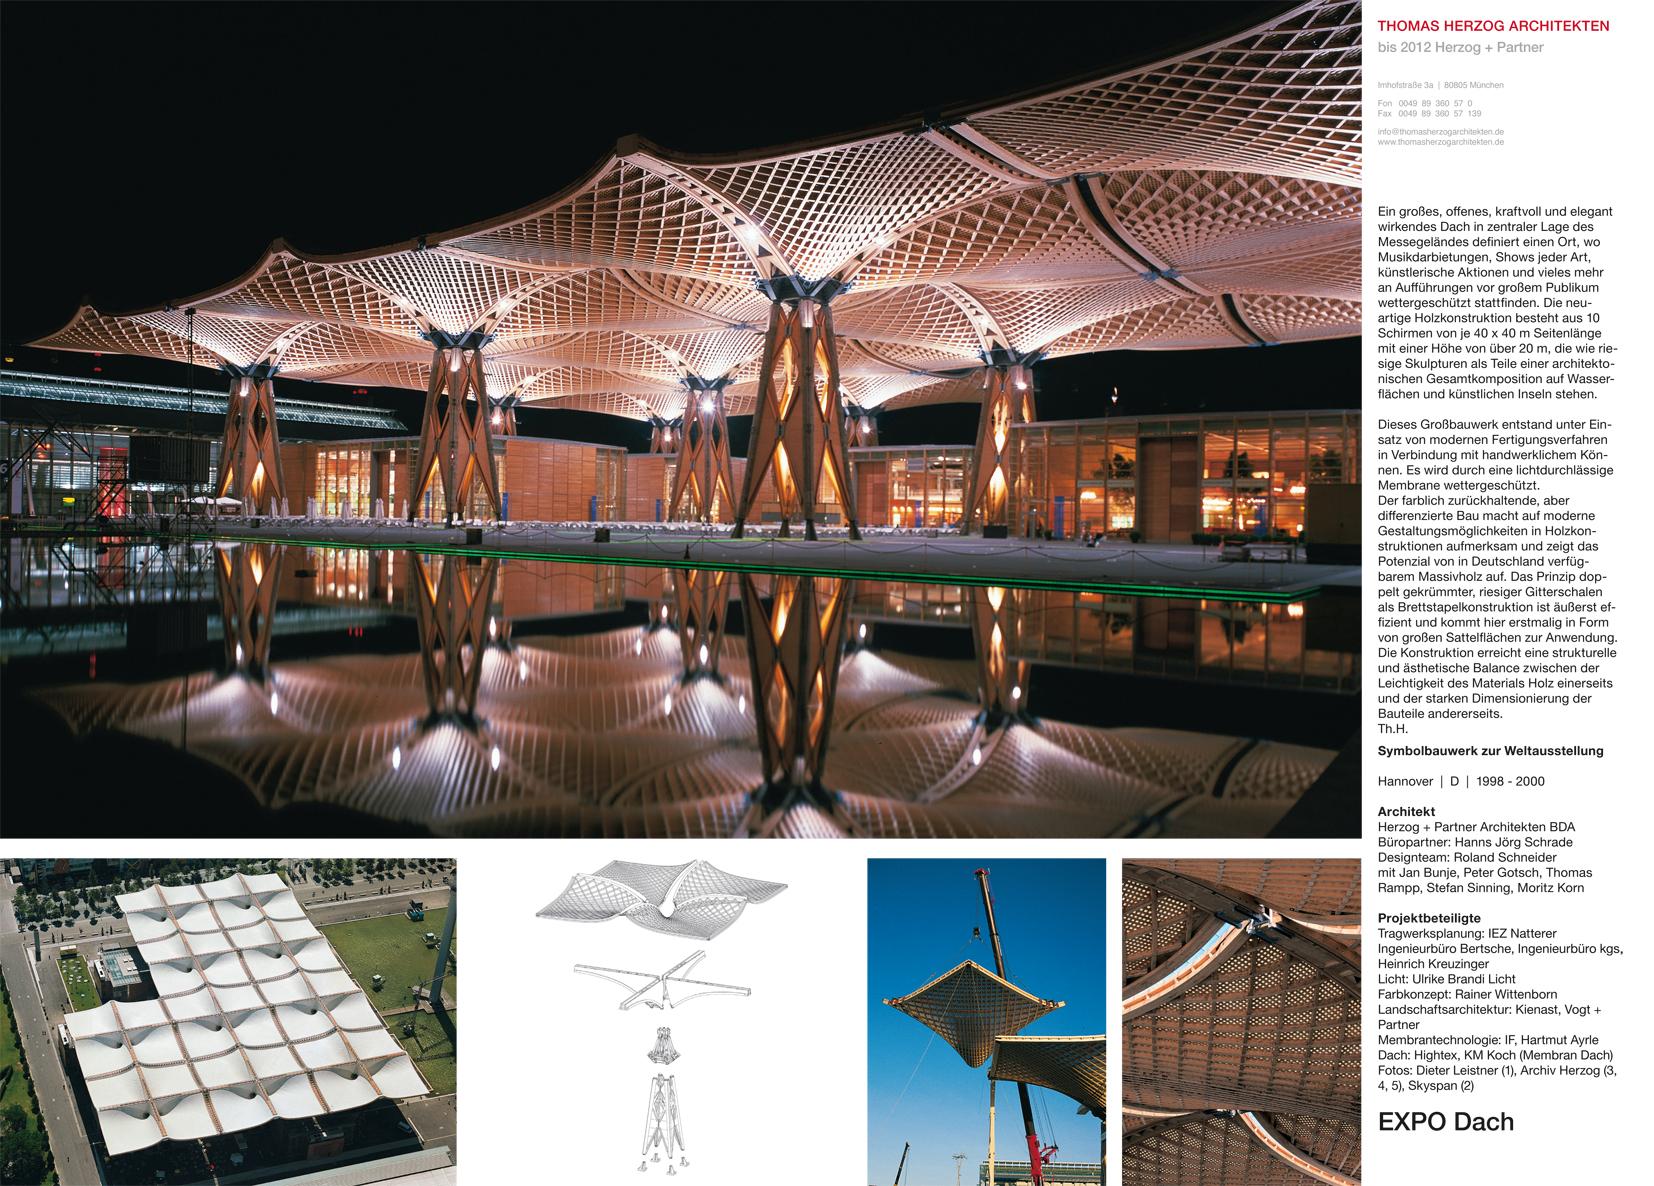 EXPO Dach Hannover DE 2000